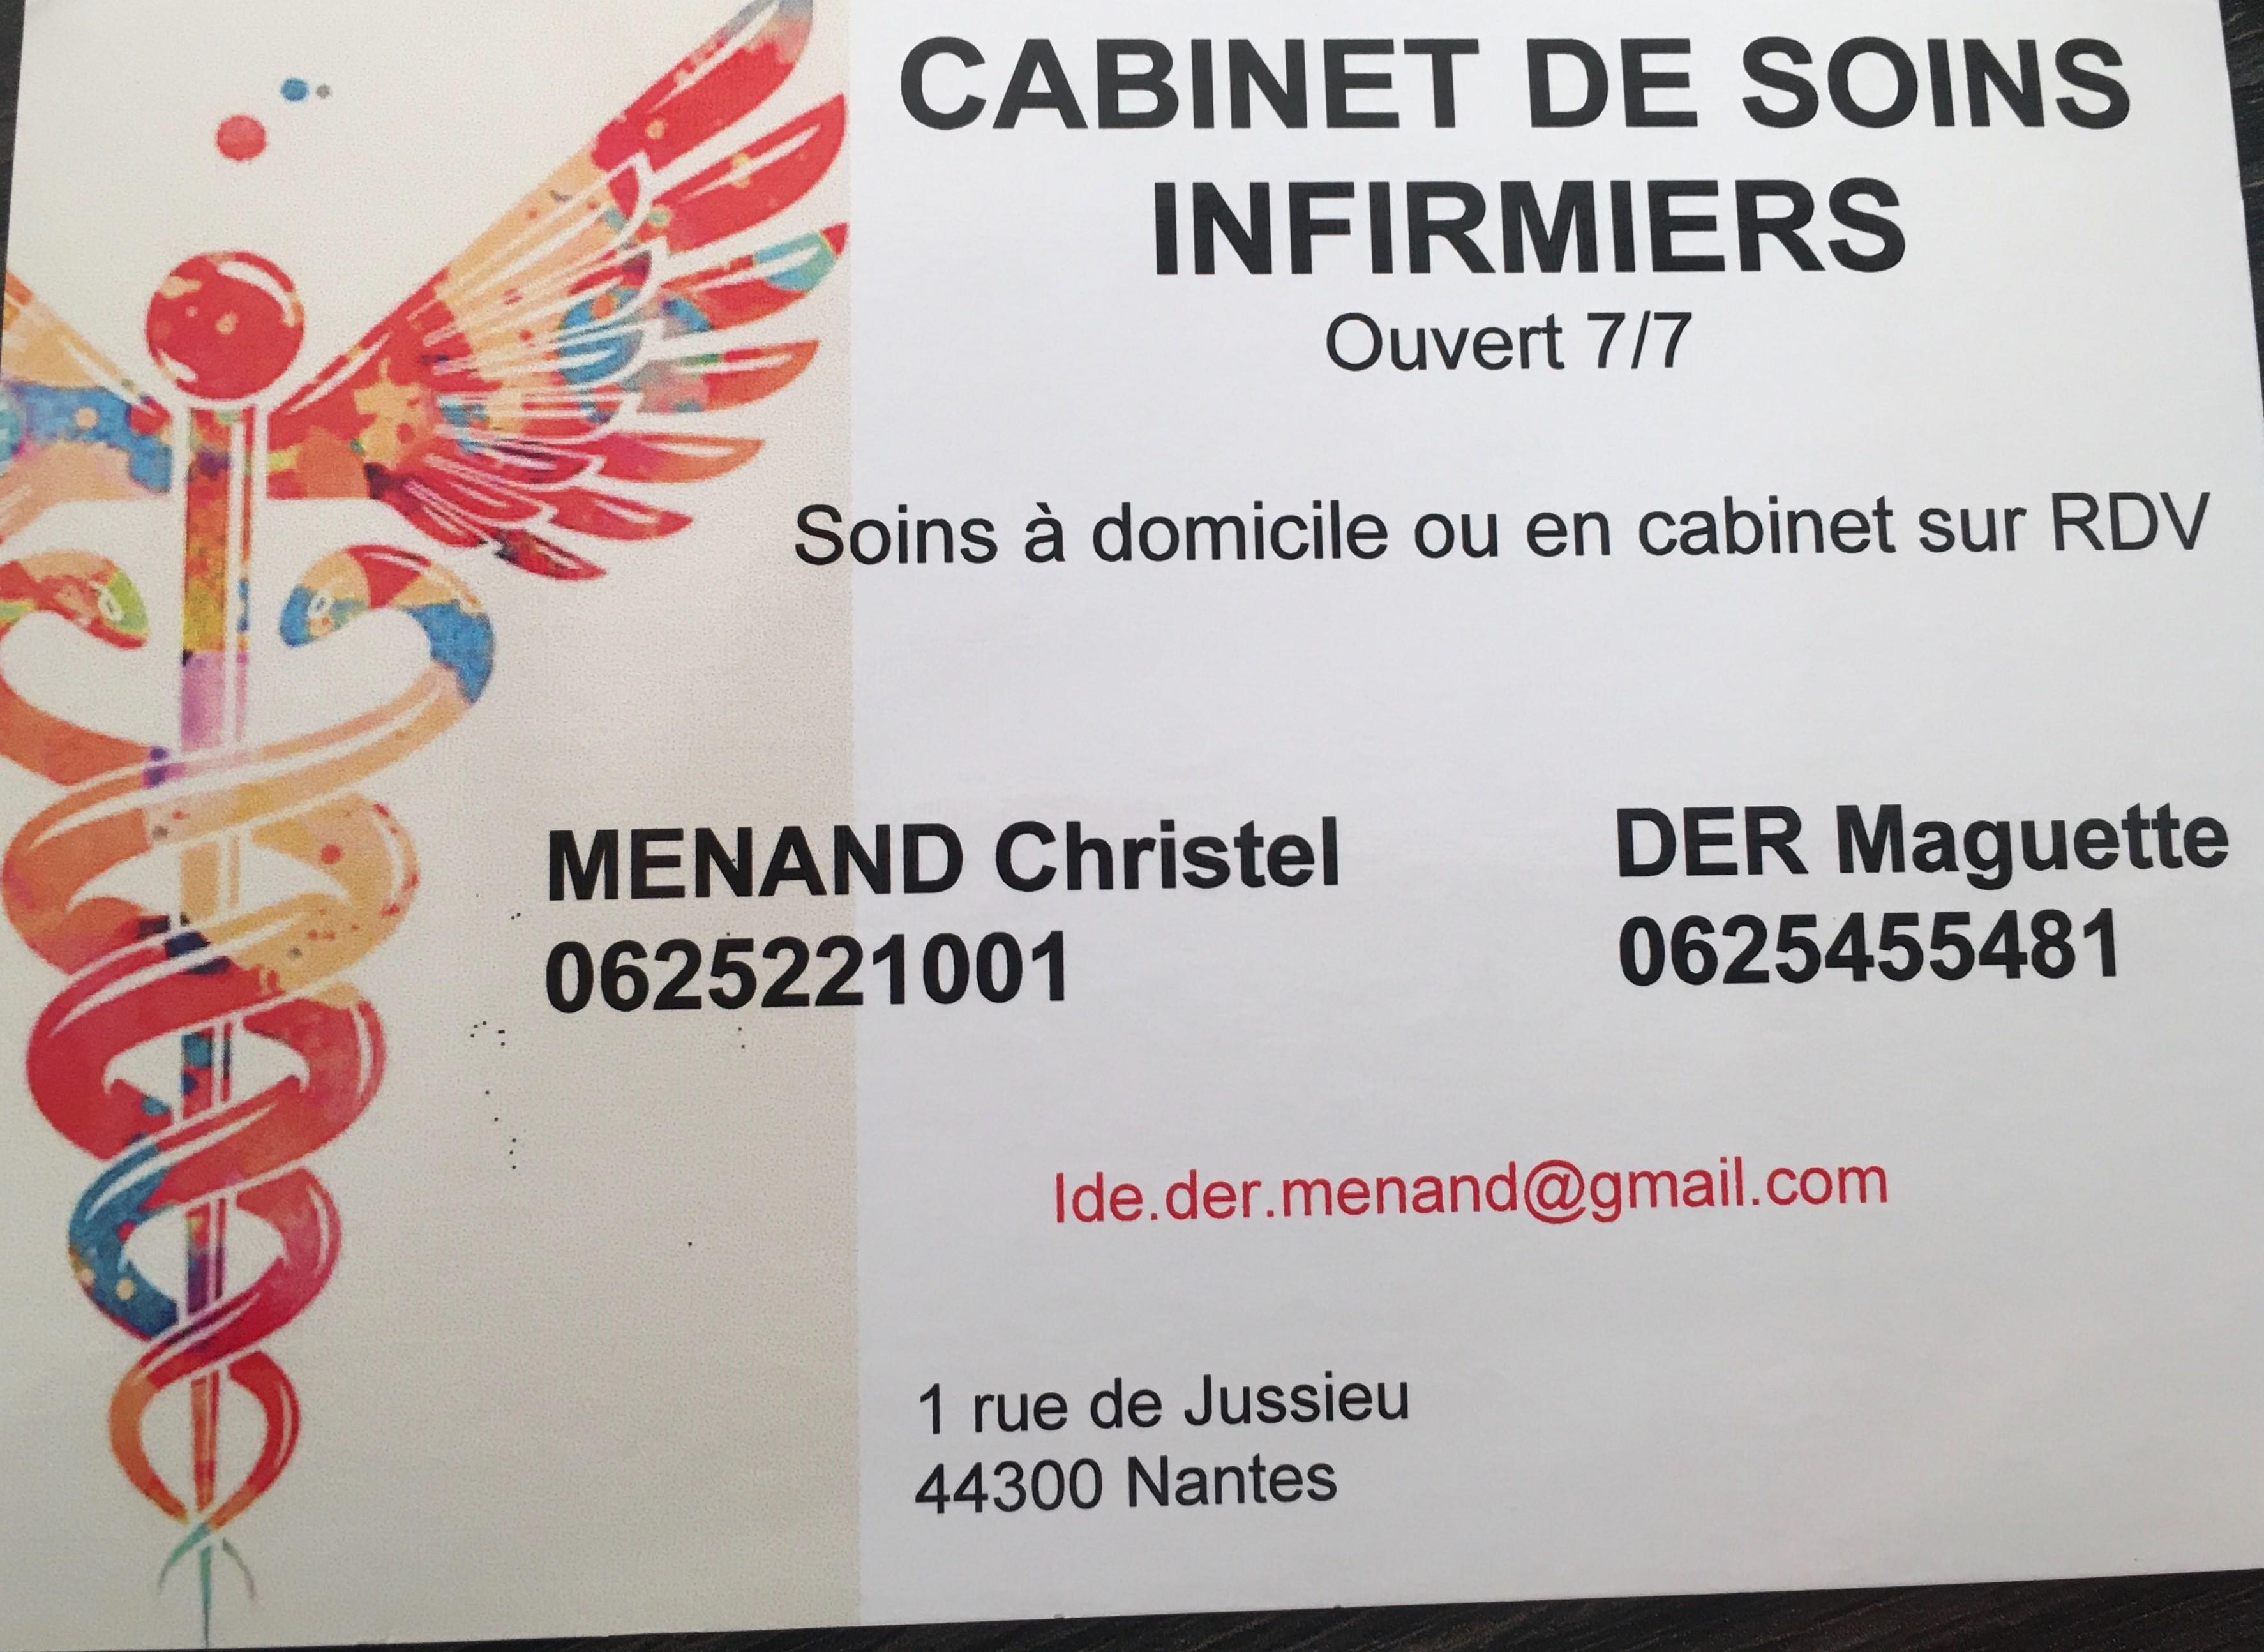 Maguette Der - infirmier(e) à Nantes